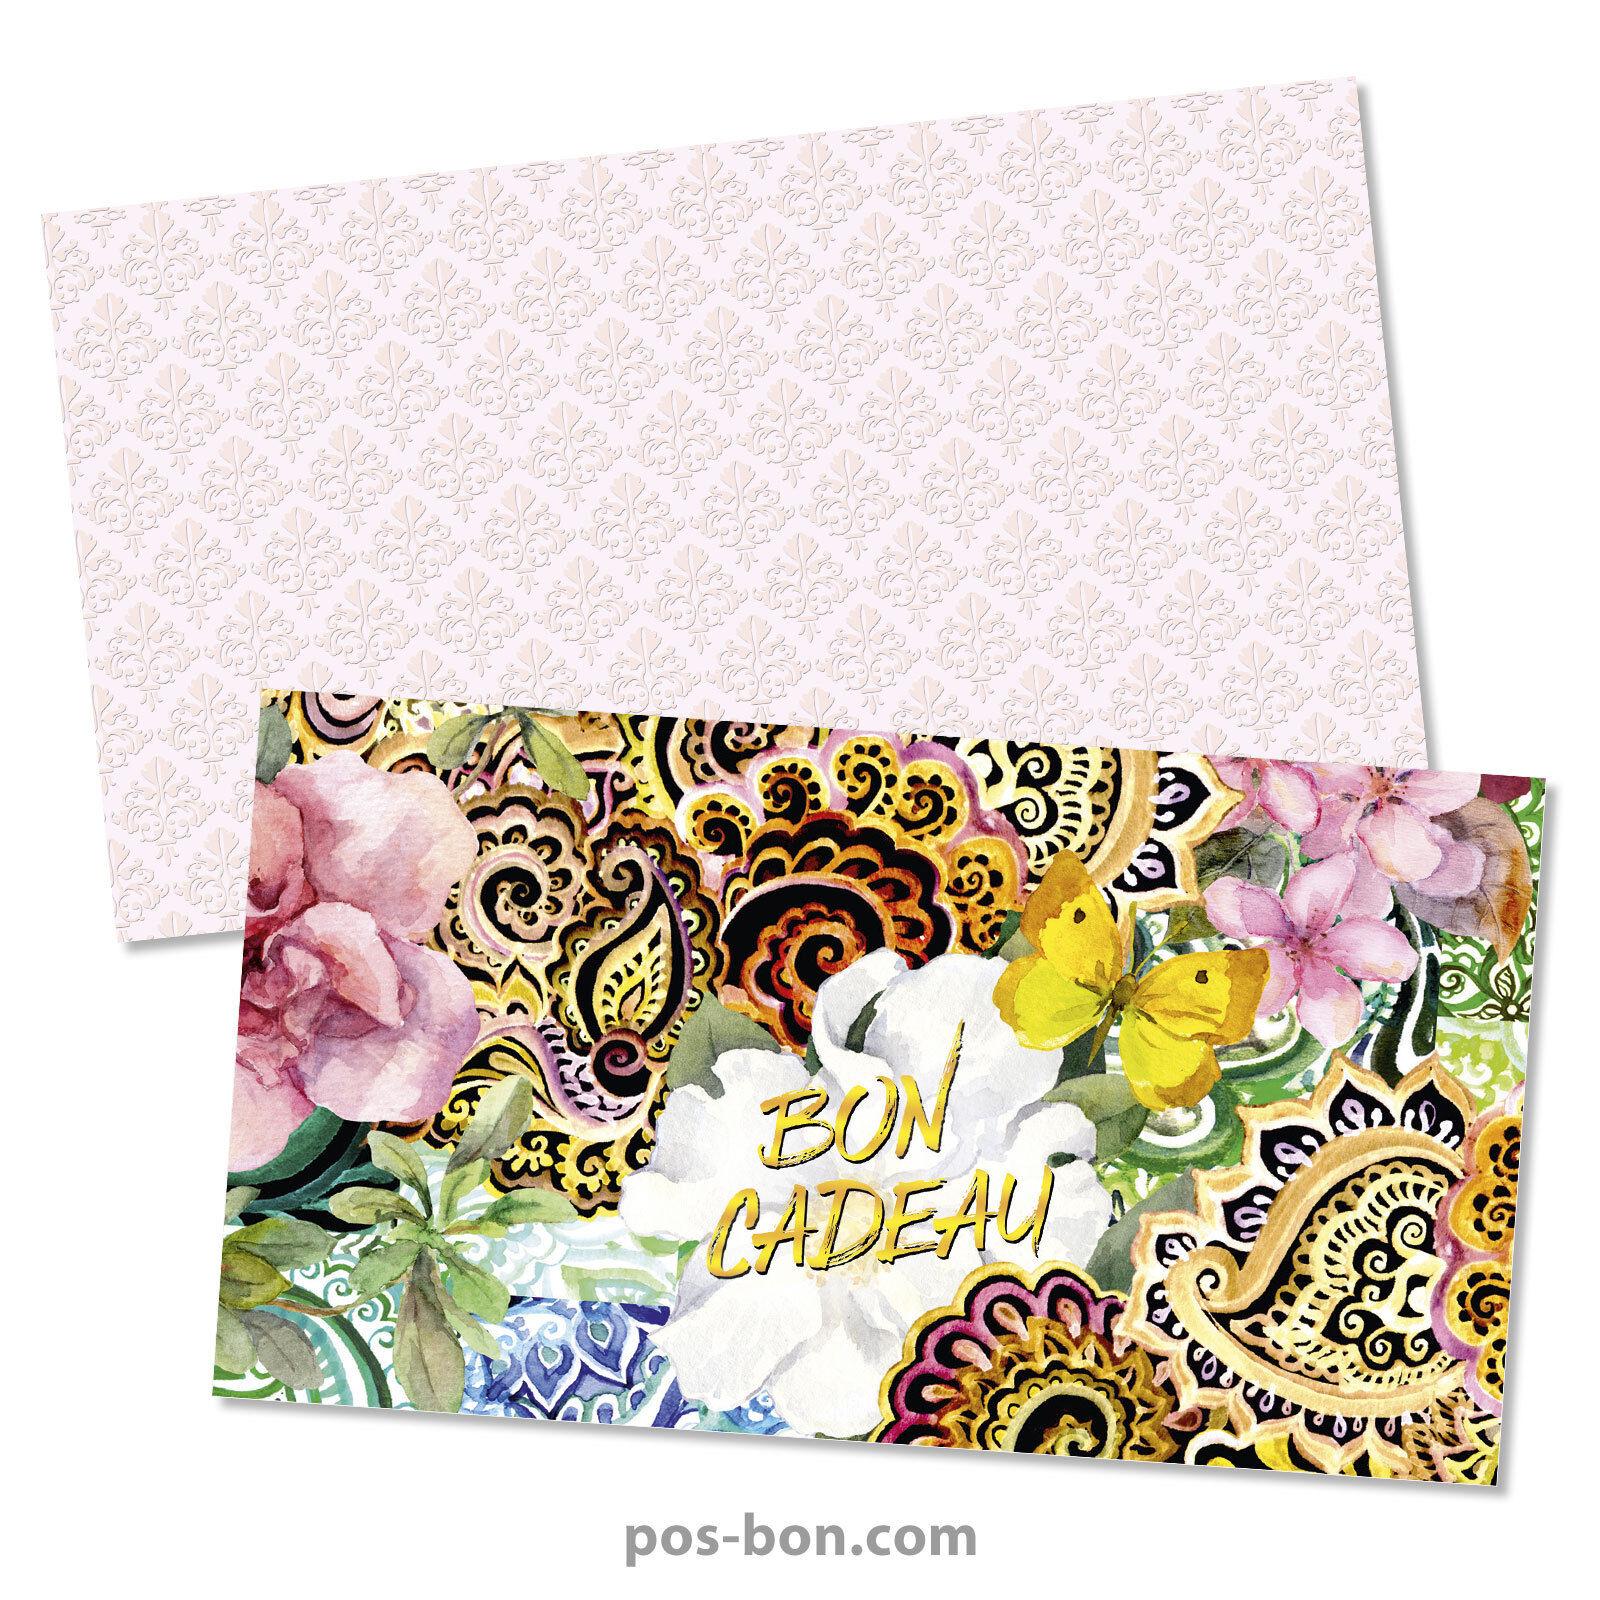 Bons cadeaux universels + enveloppes pour toutes occasions FA1264F